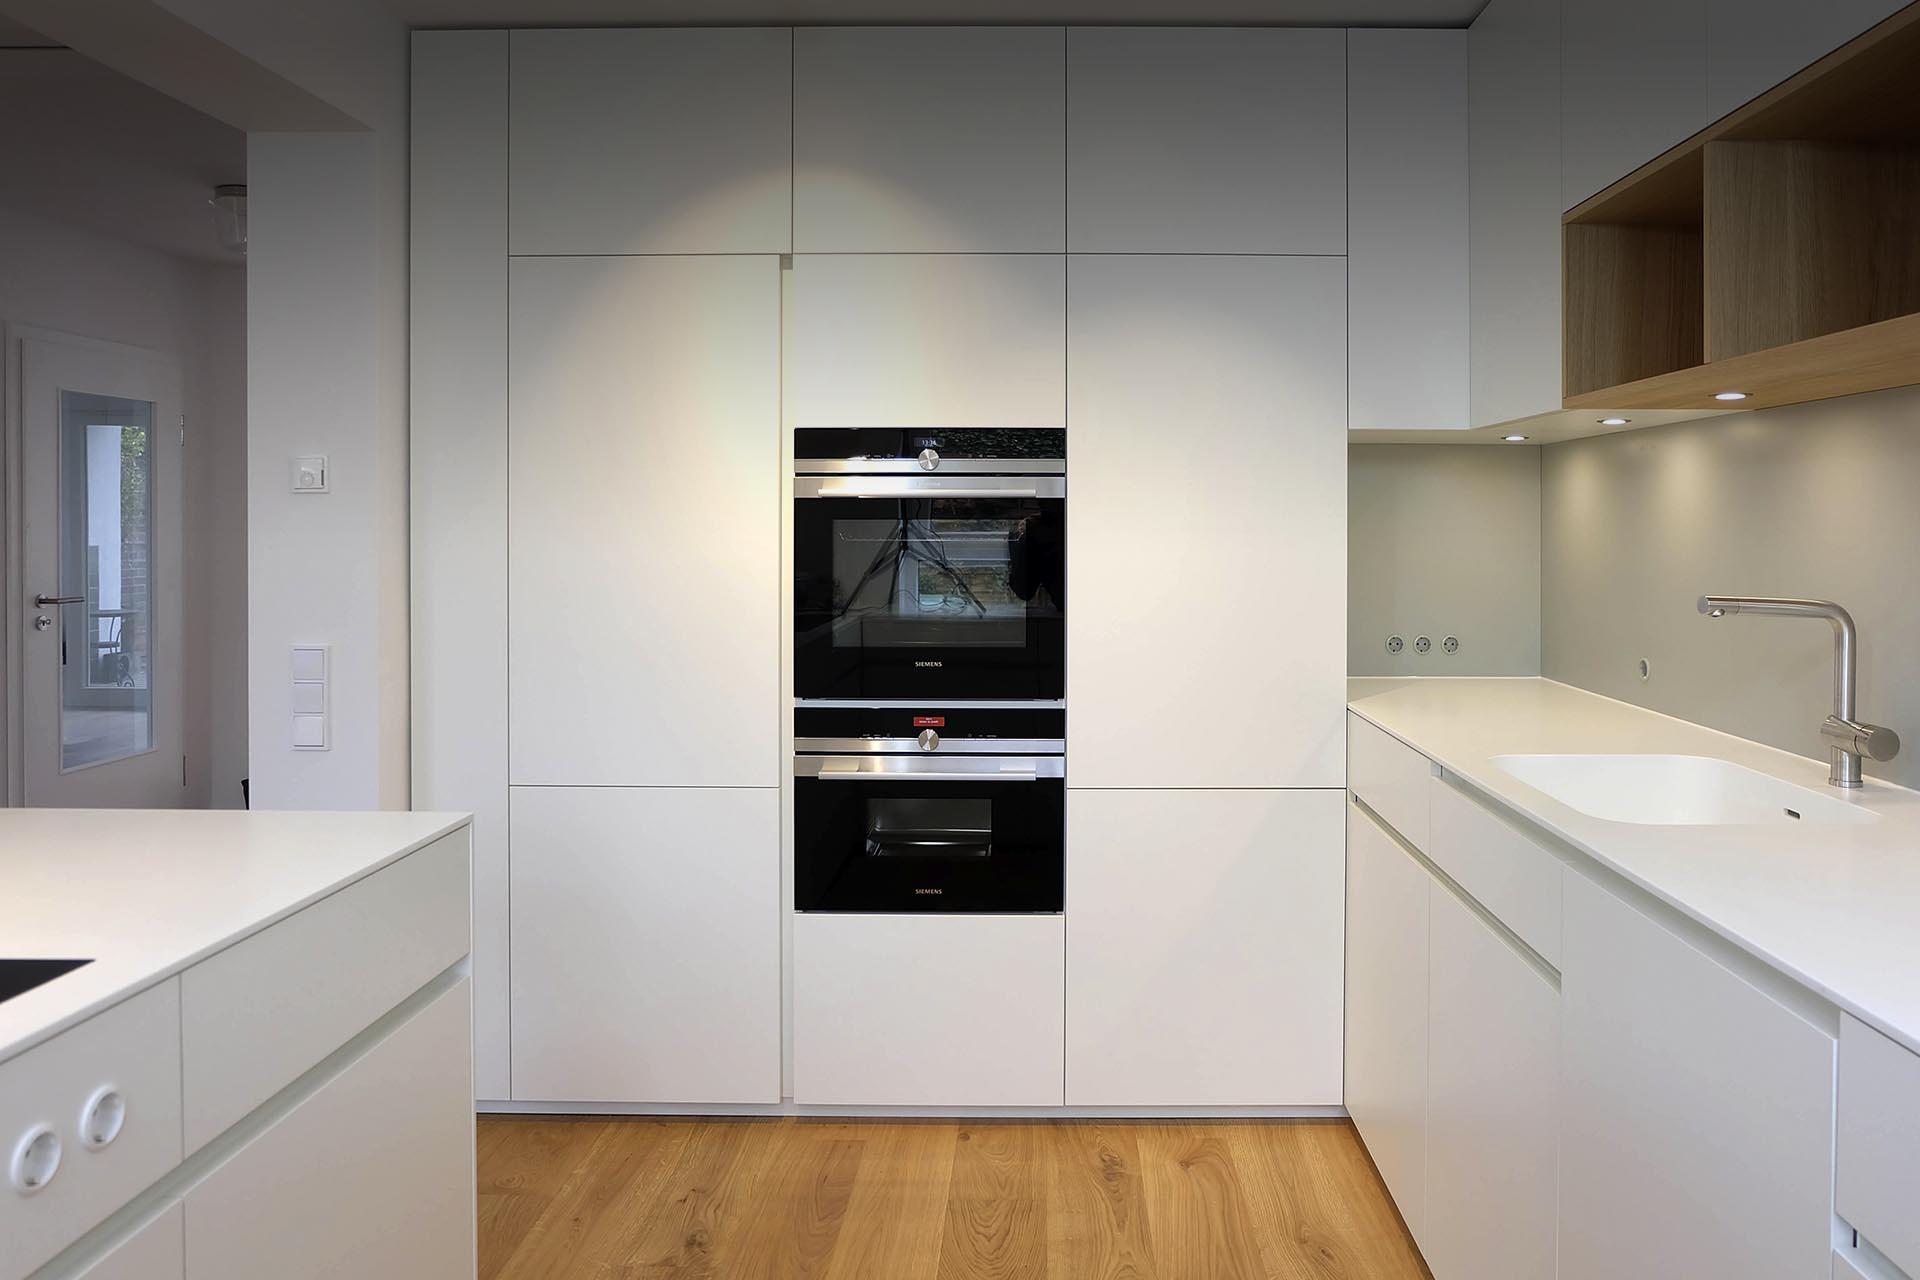 Masfina | Feine Küchen und Möbel auf Mass | Home Slider Image 008